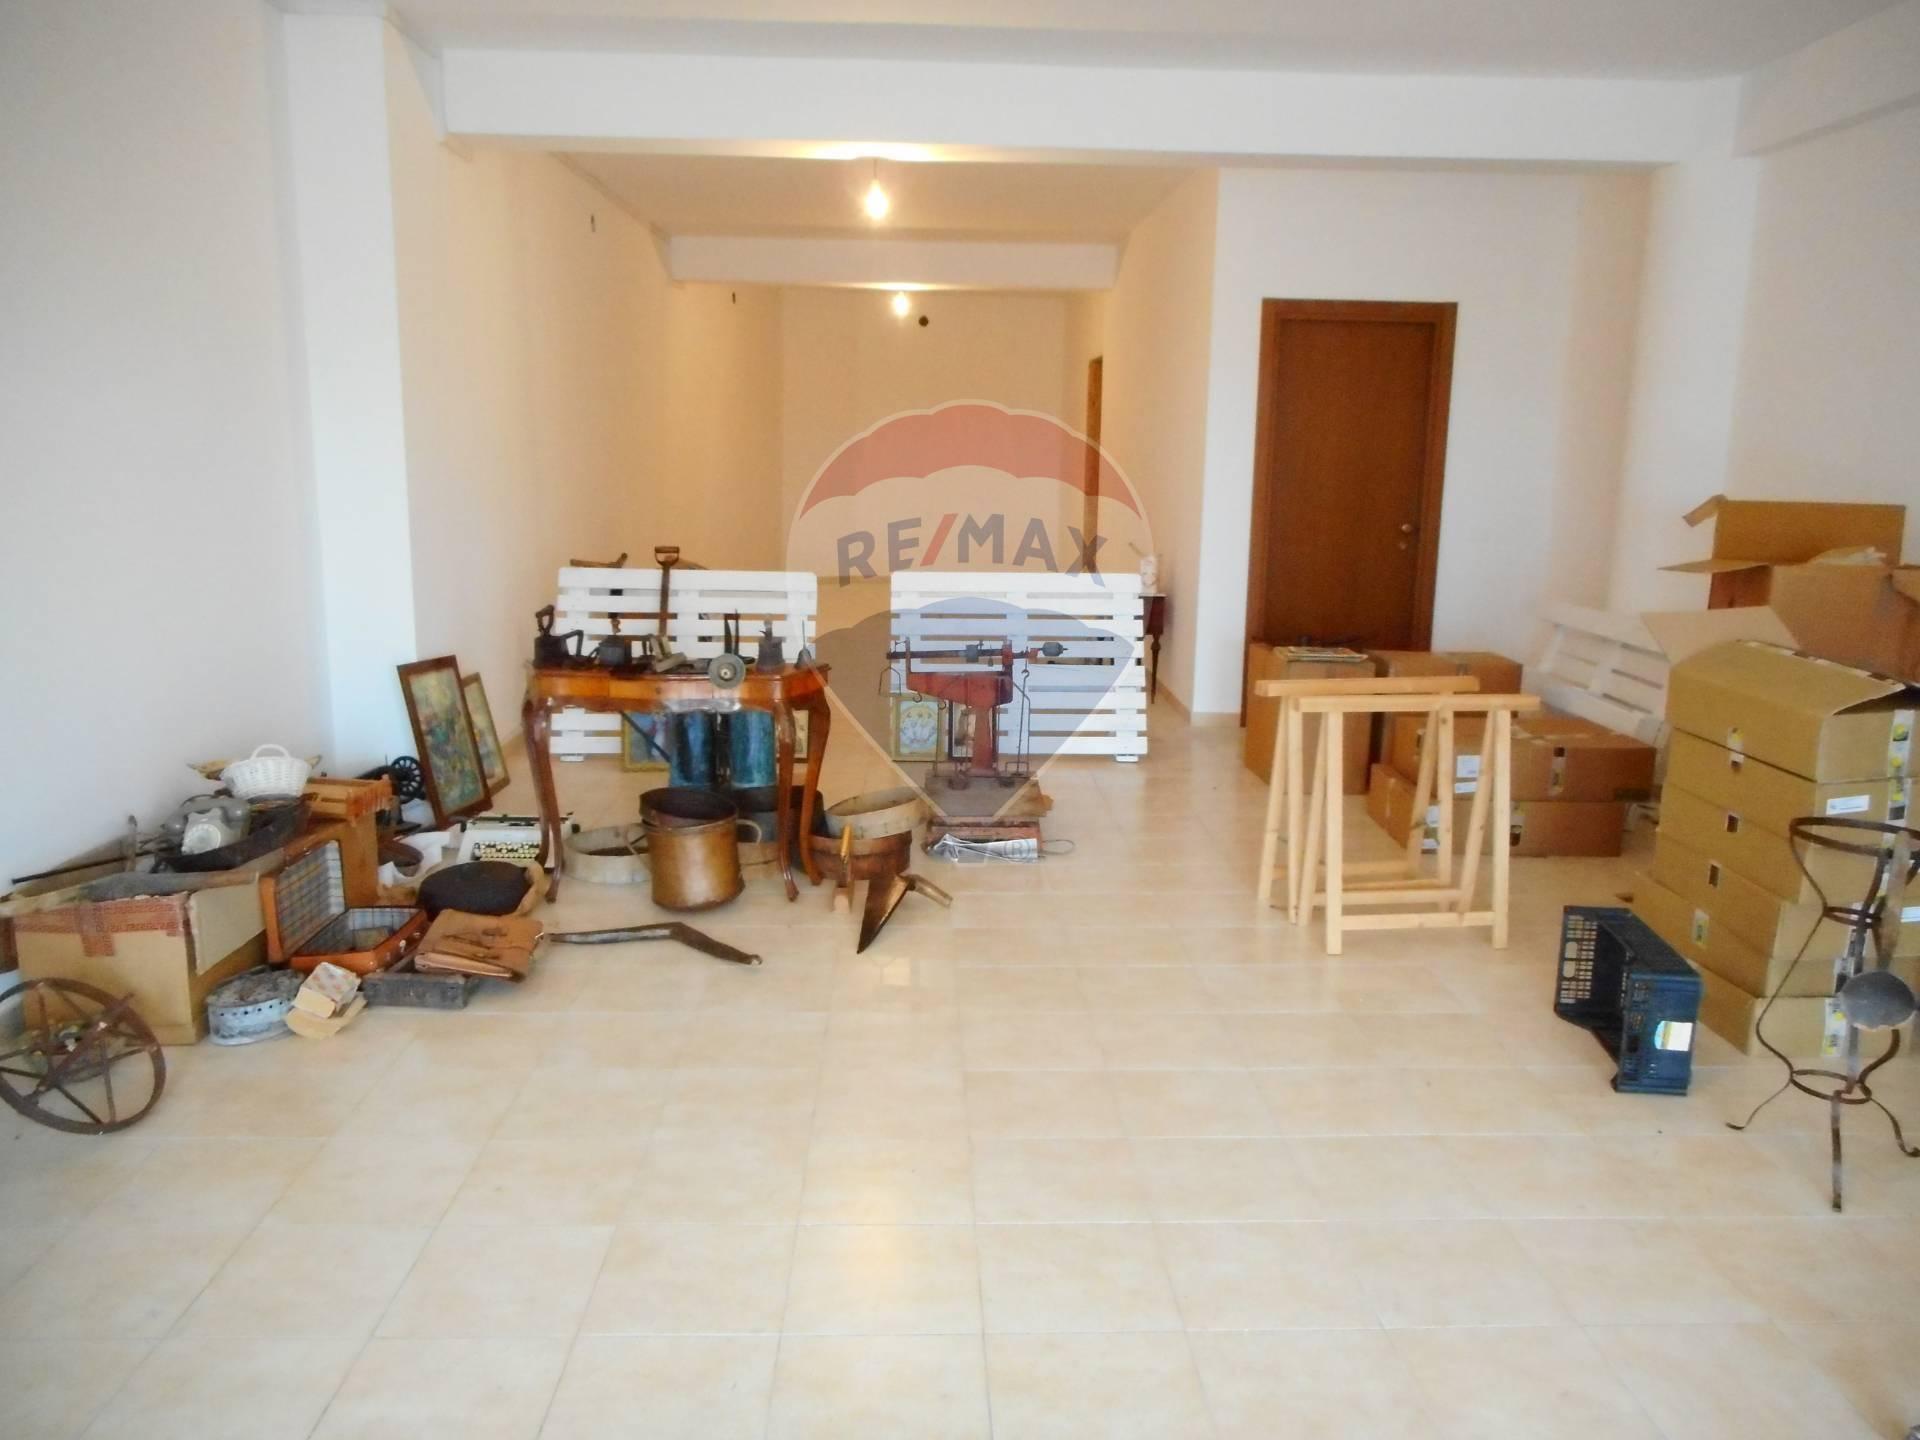 Negozio / Locale in affitto a Casoli, 9999 locali, prezzo € 350 | CambioCasa.it